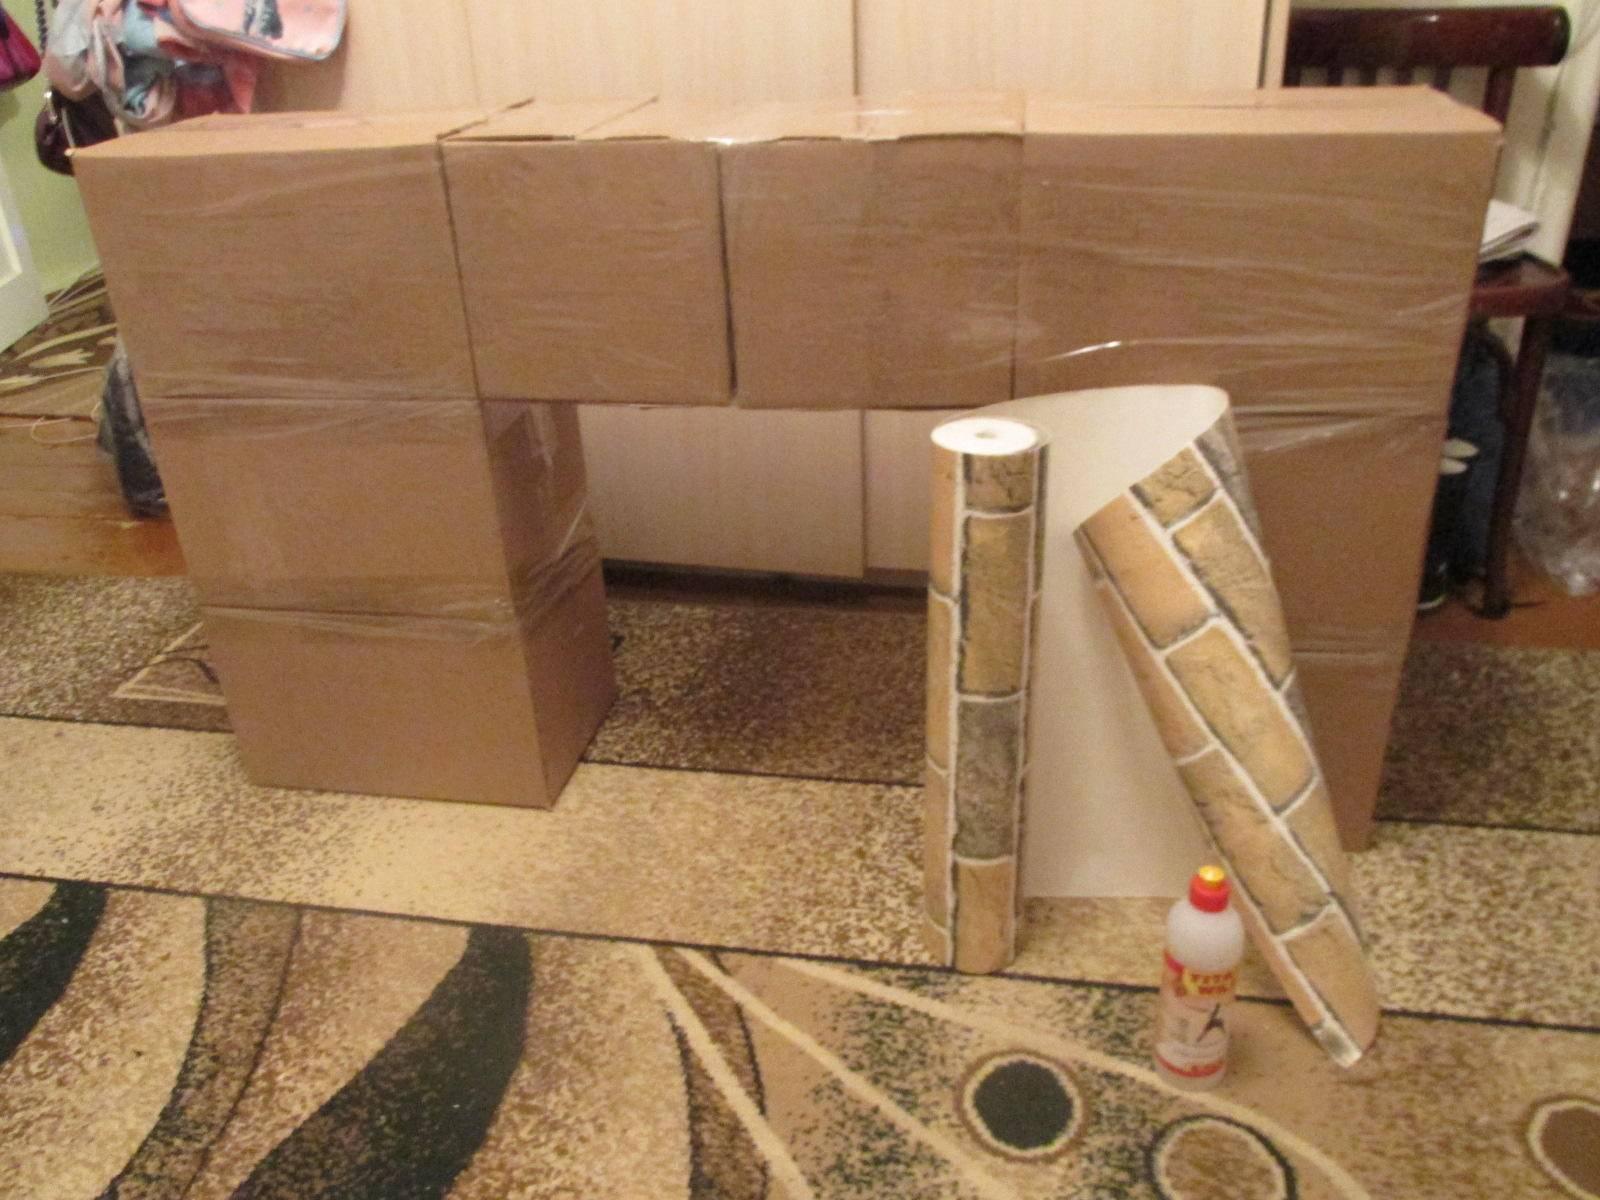 Как сделать камин из коробок: пошаговая инструкция создания своими руками